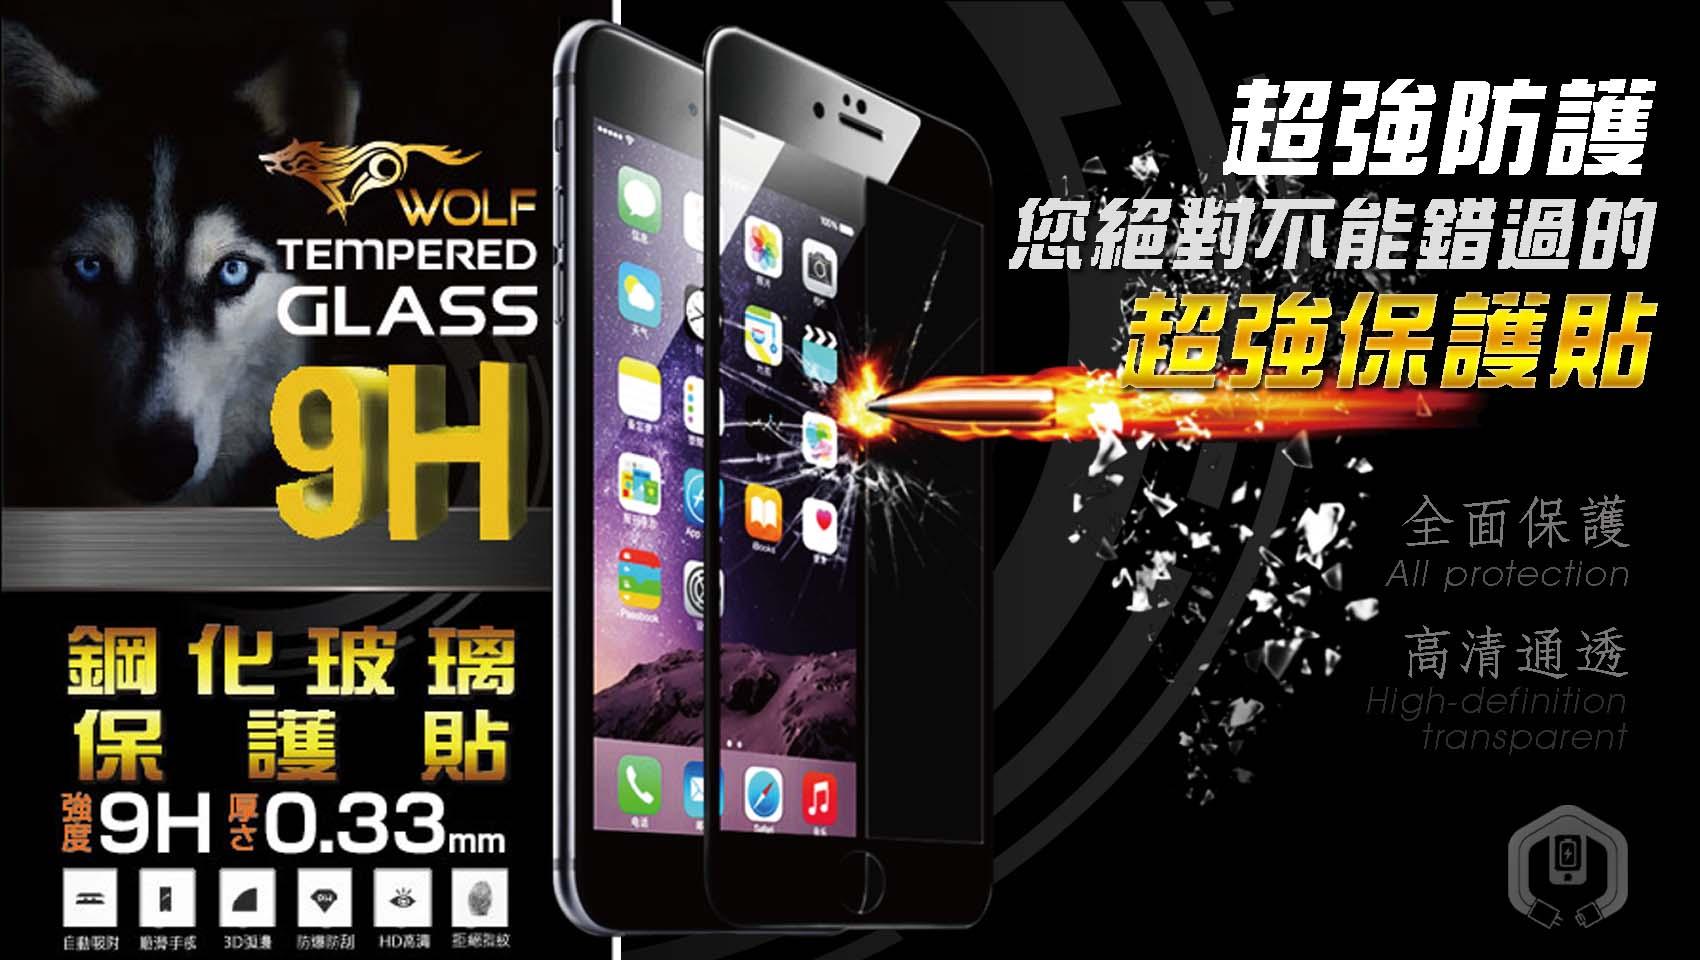 【少東通訊】9H 鋼化玻璃保護貼 HTC E9+ 蝴蝶3 826 820 816 626 A9 手機保護貼